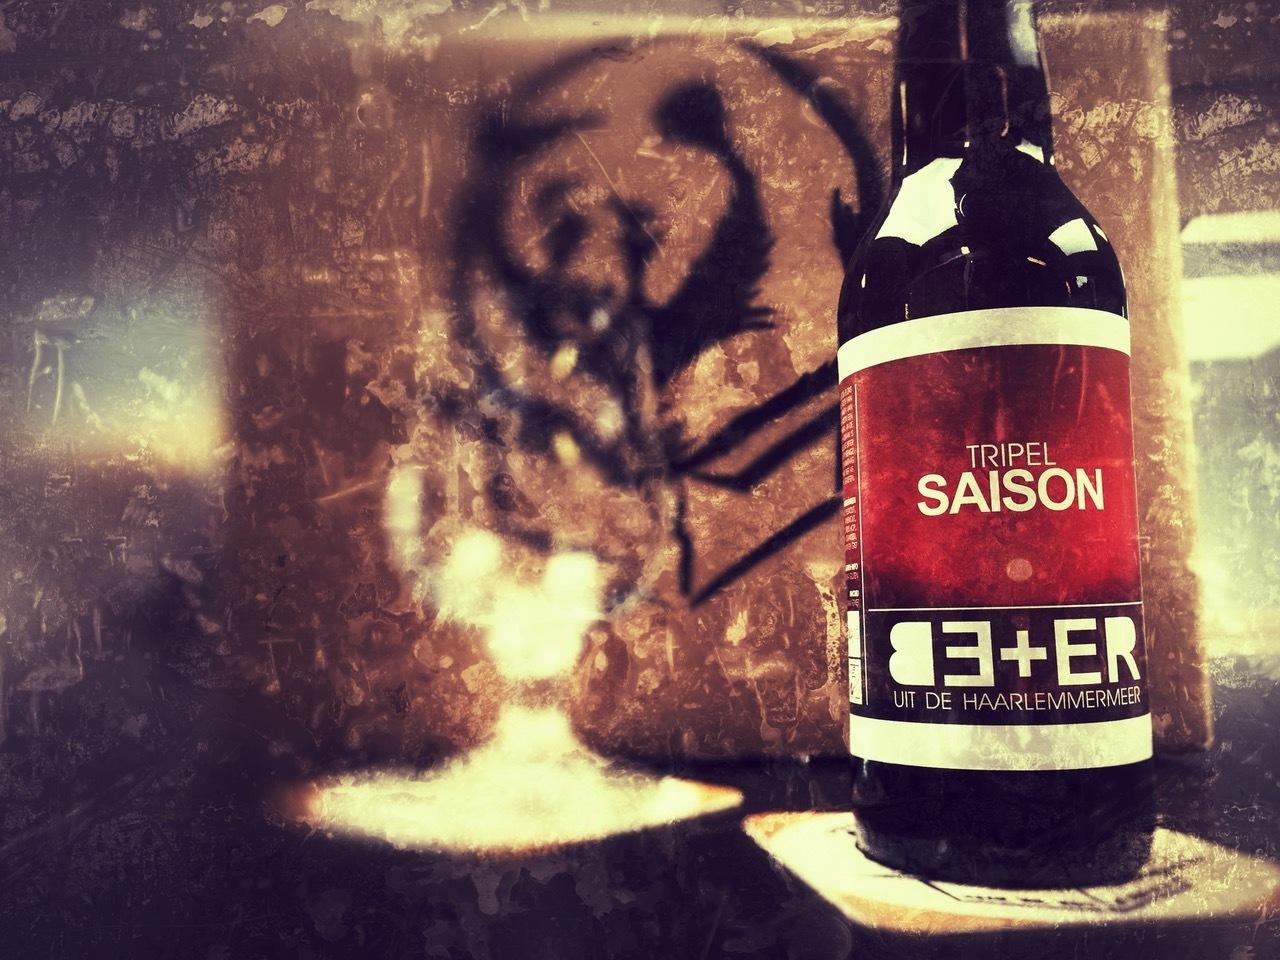 Tripel Saison van BE+ER Bierbrouwers